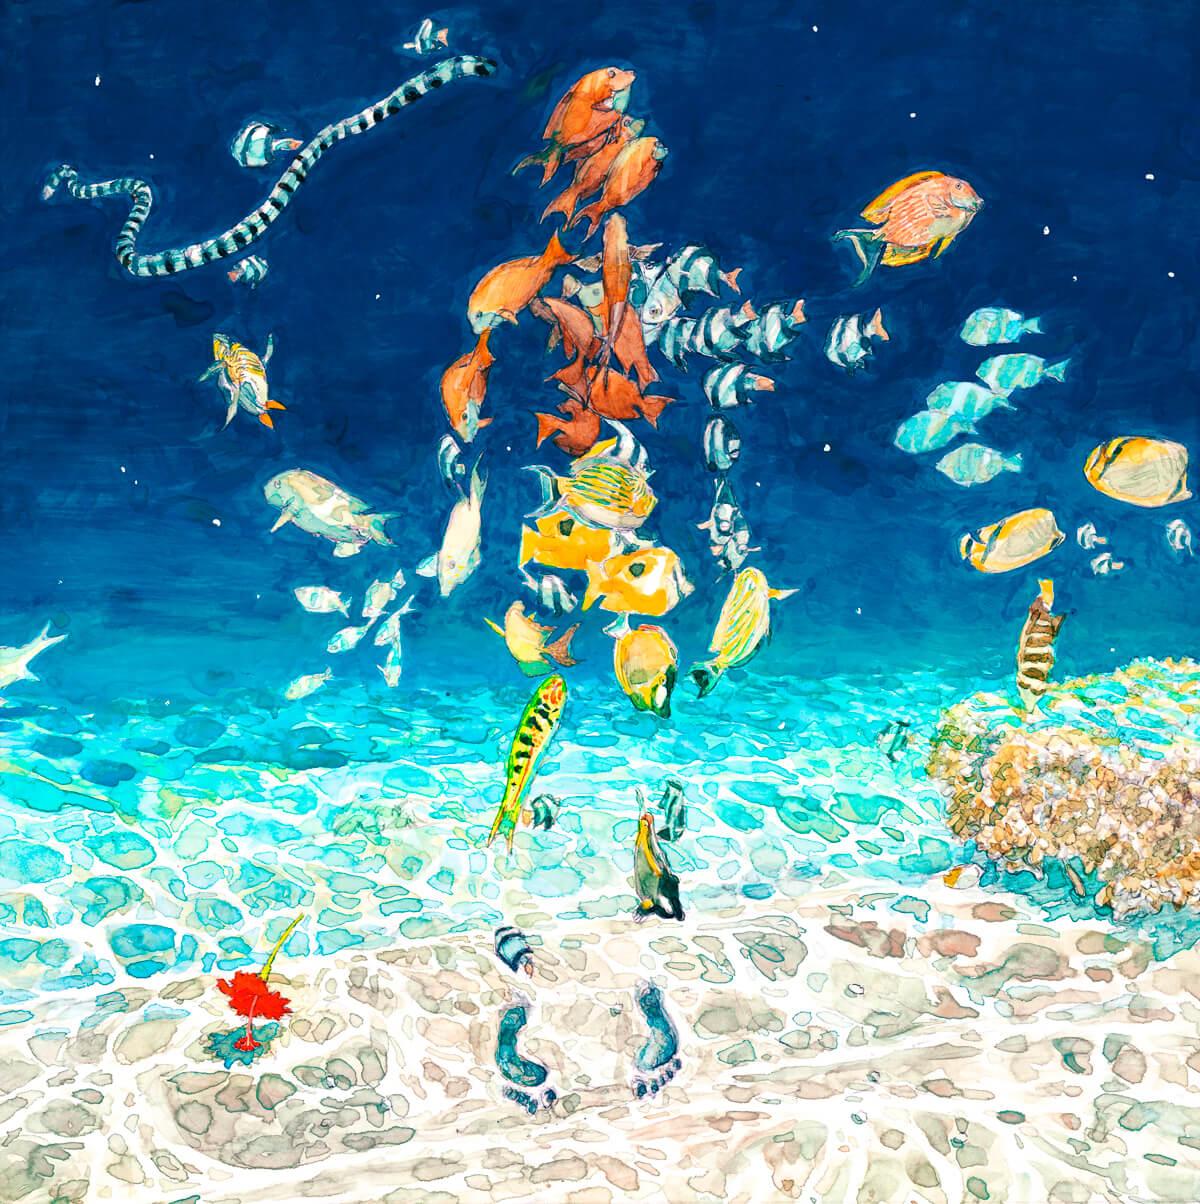 米津玄師、本日公開の「海の幽霊」全編アニメーションMVを実際の海の上で解禁!<海の上映会>開催 music190520_yonezukenshi_main